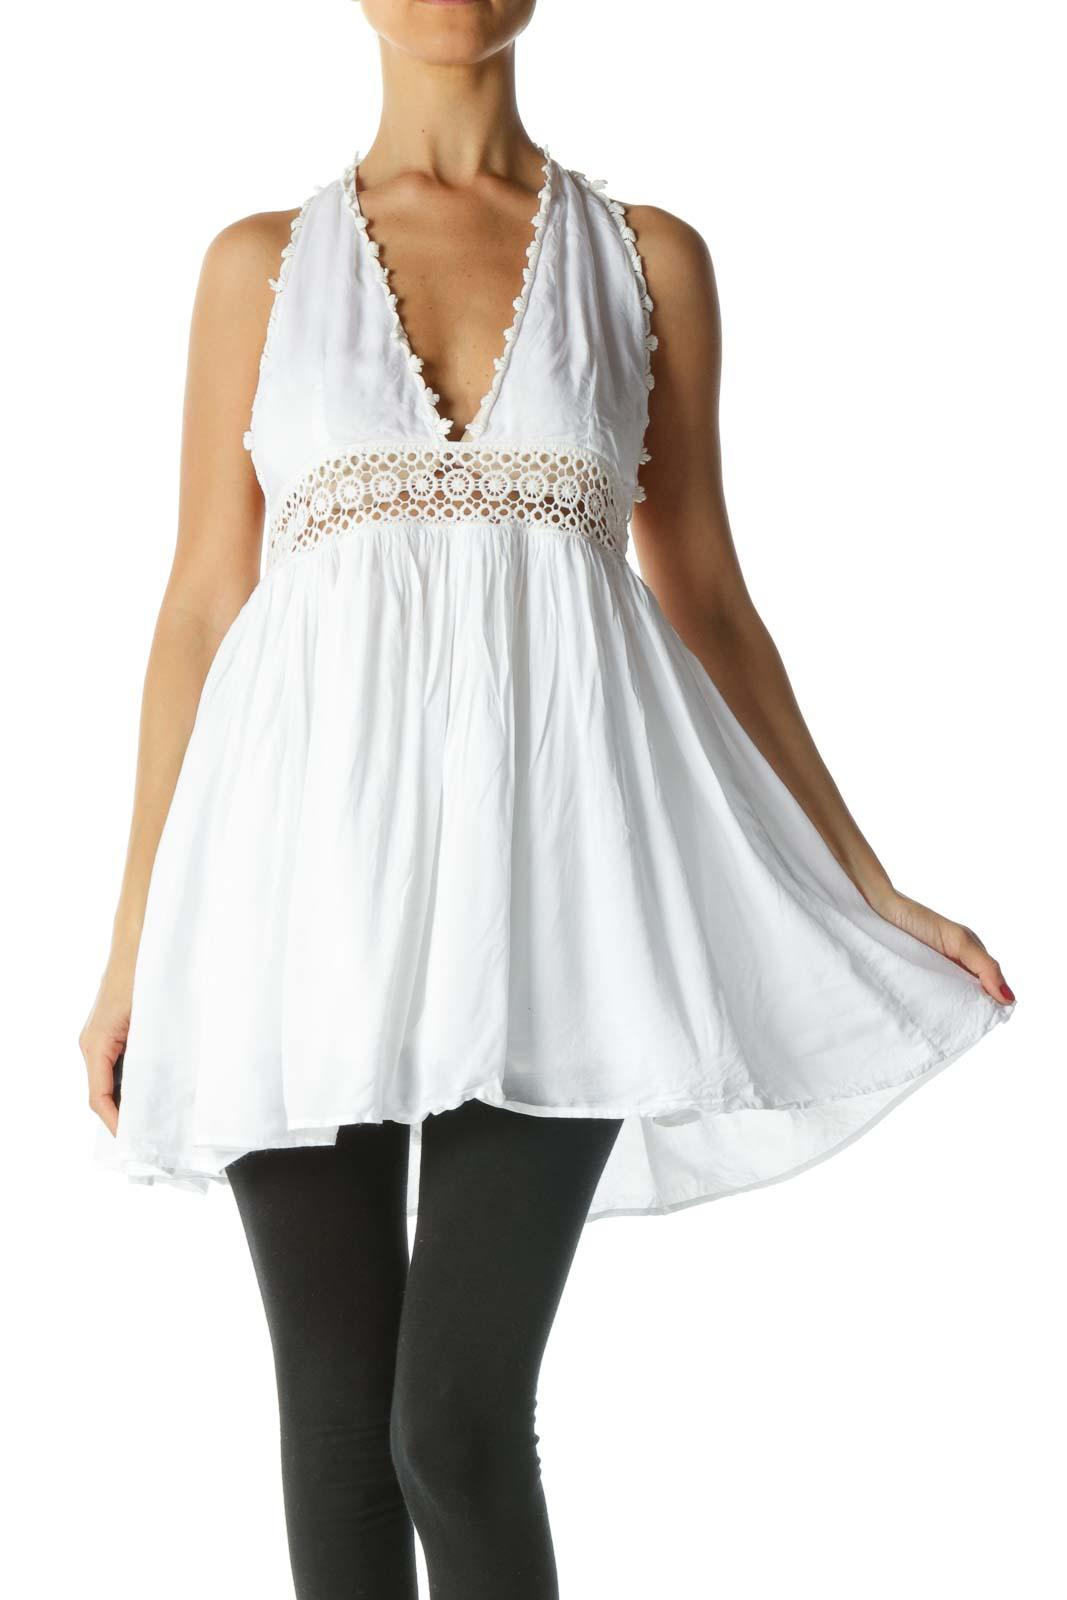 White Cream Crochet Knit Halter Neckline Top Front